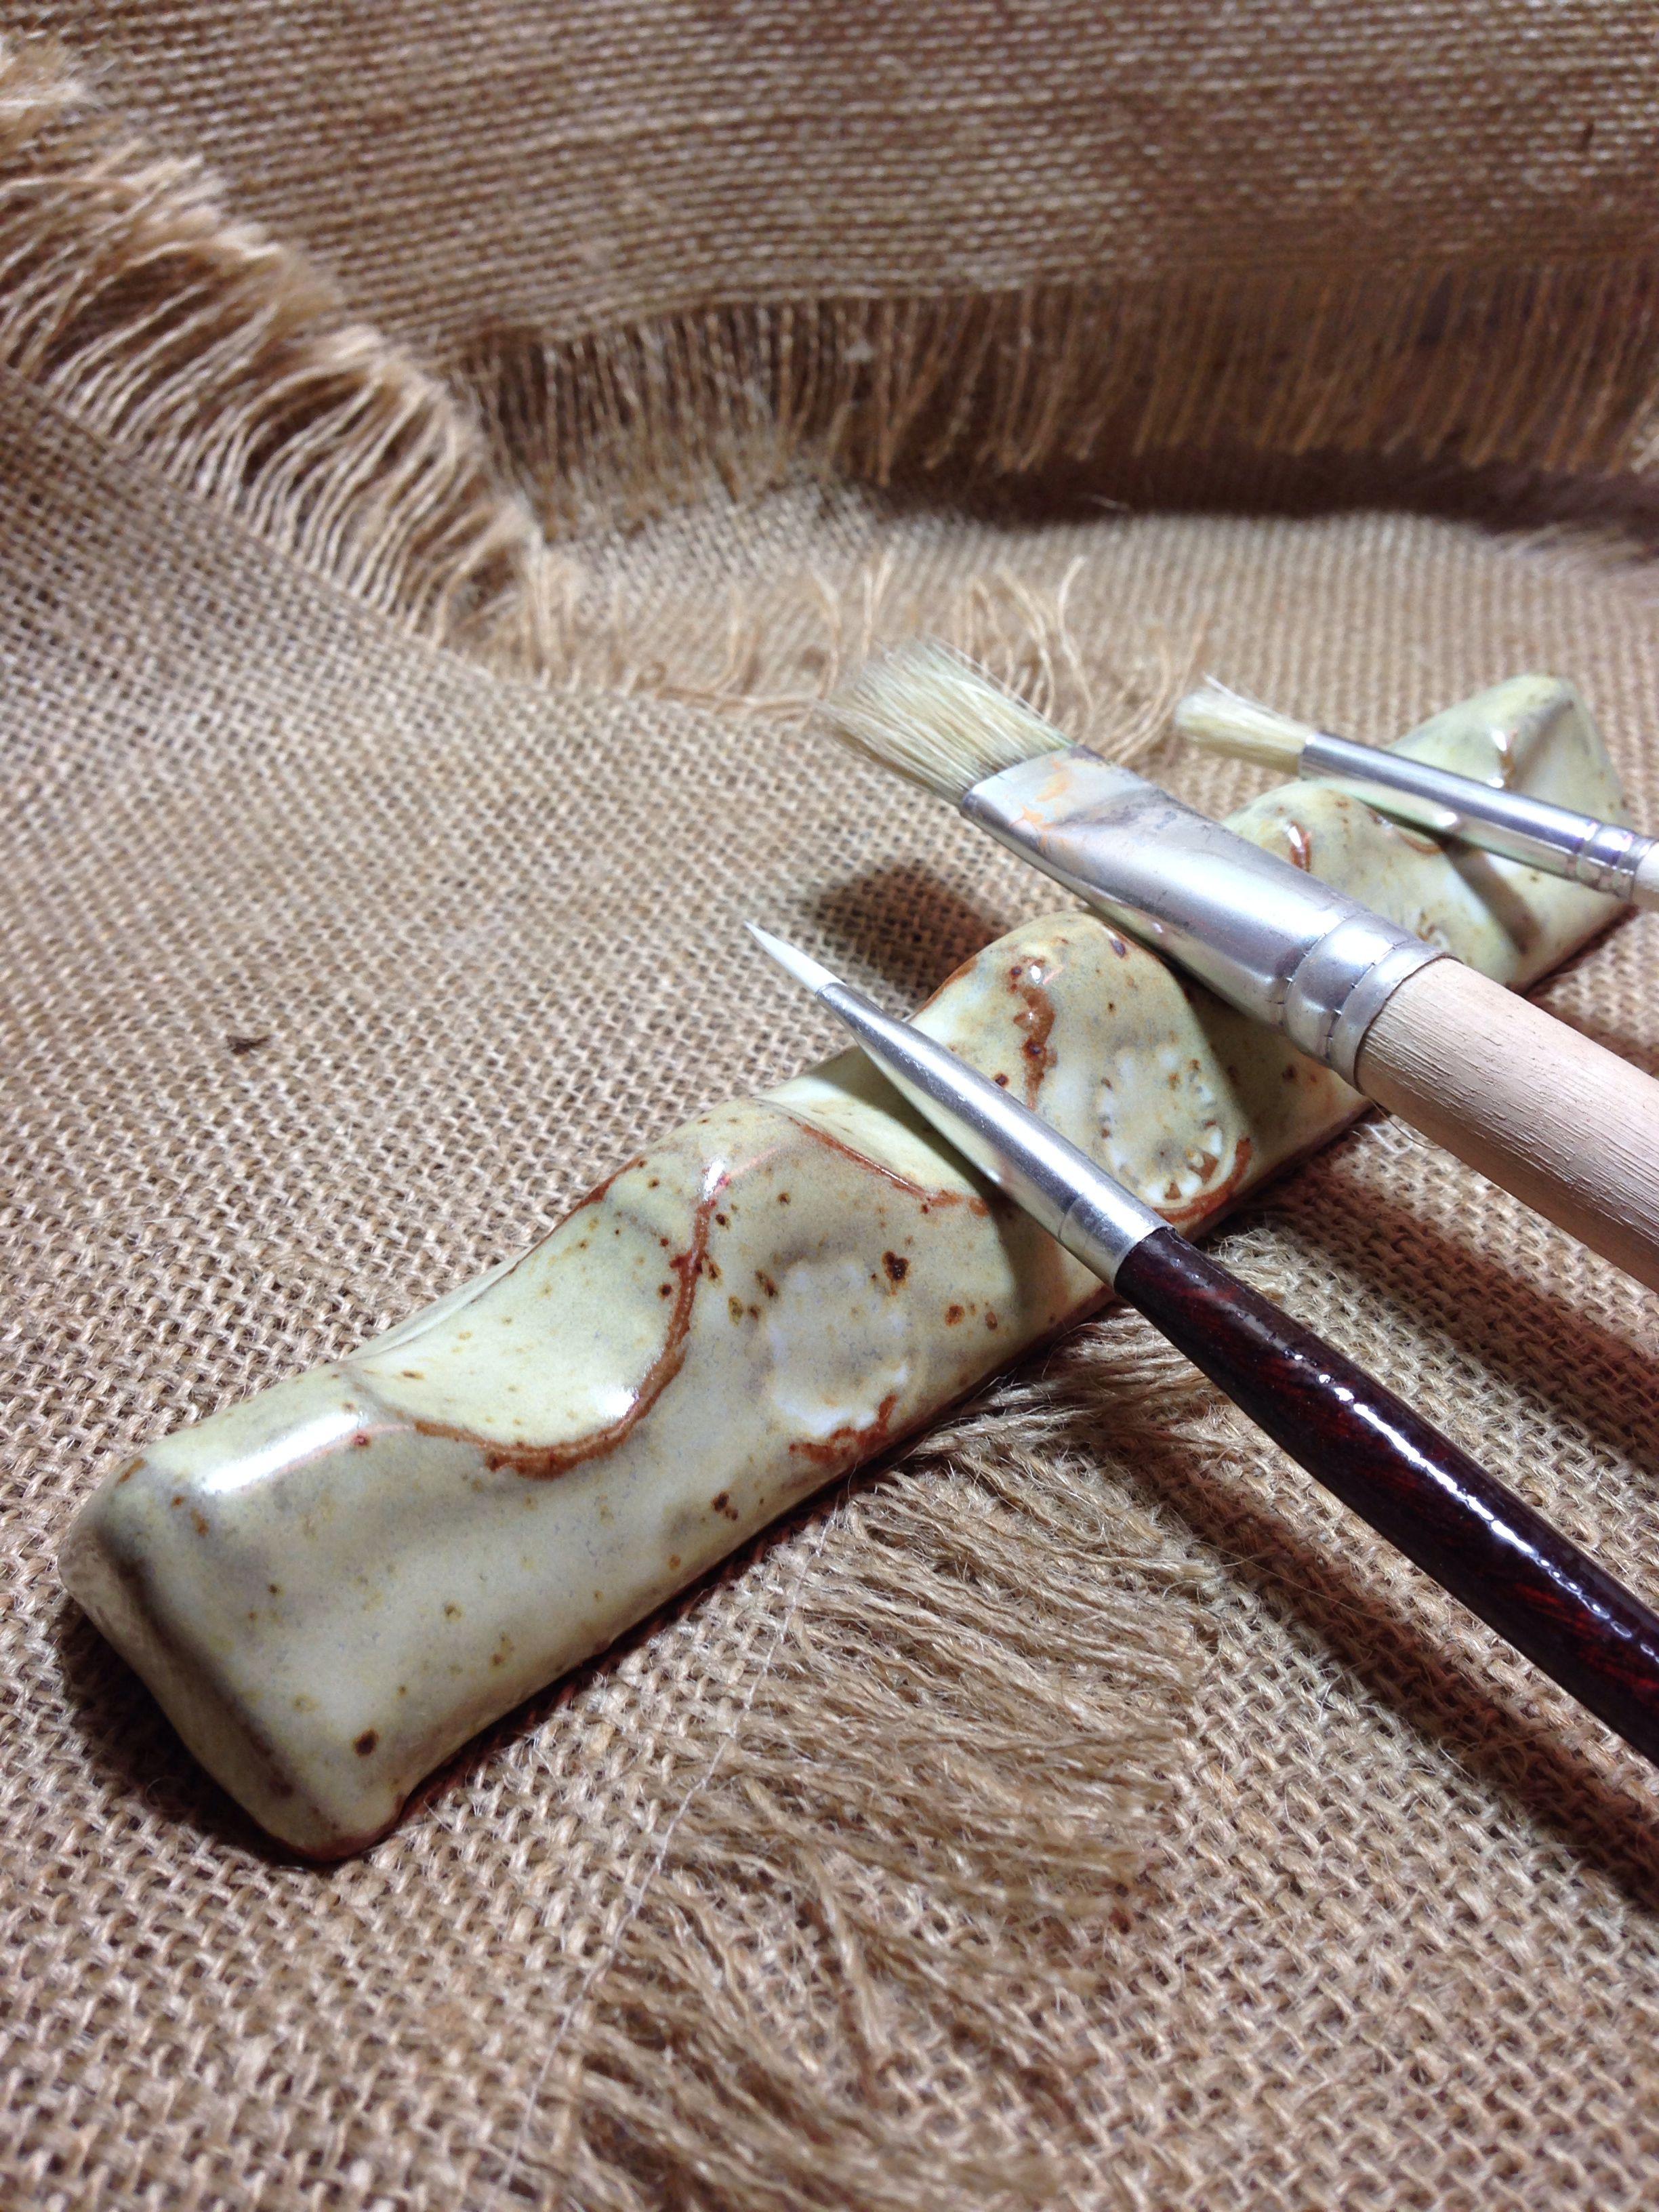 Buttermilk brush rest brush rest clay ceramics ceramic